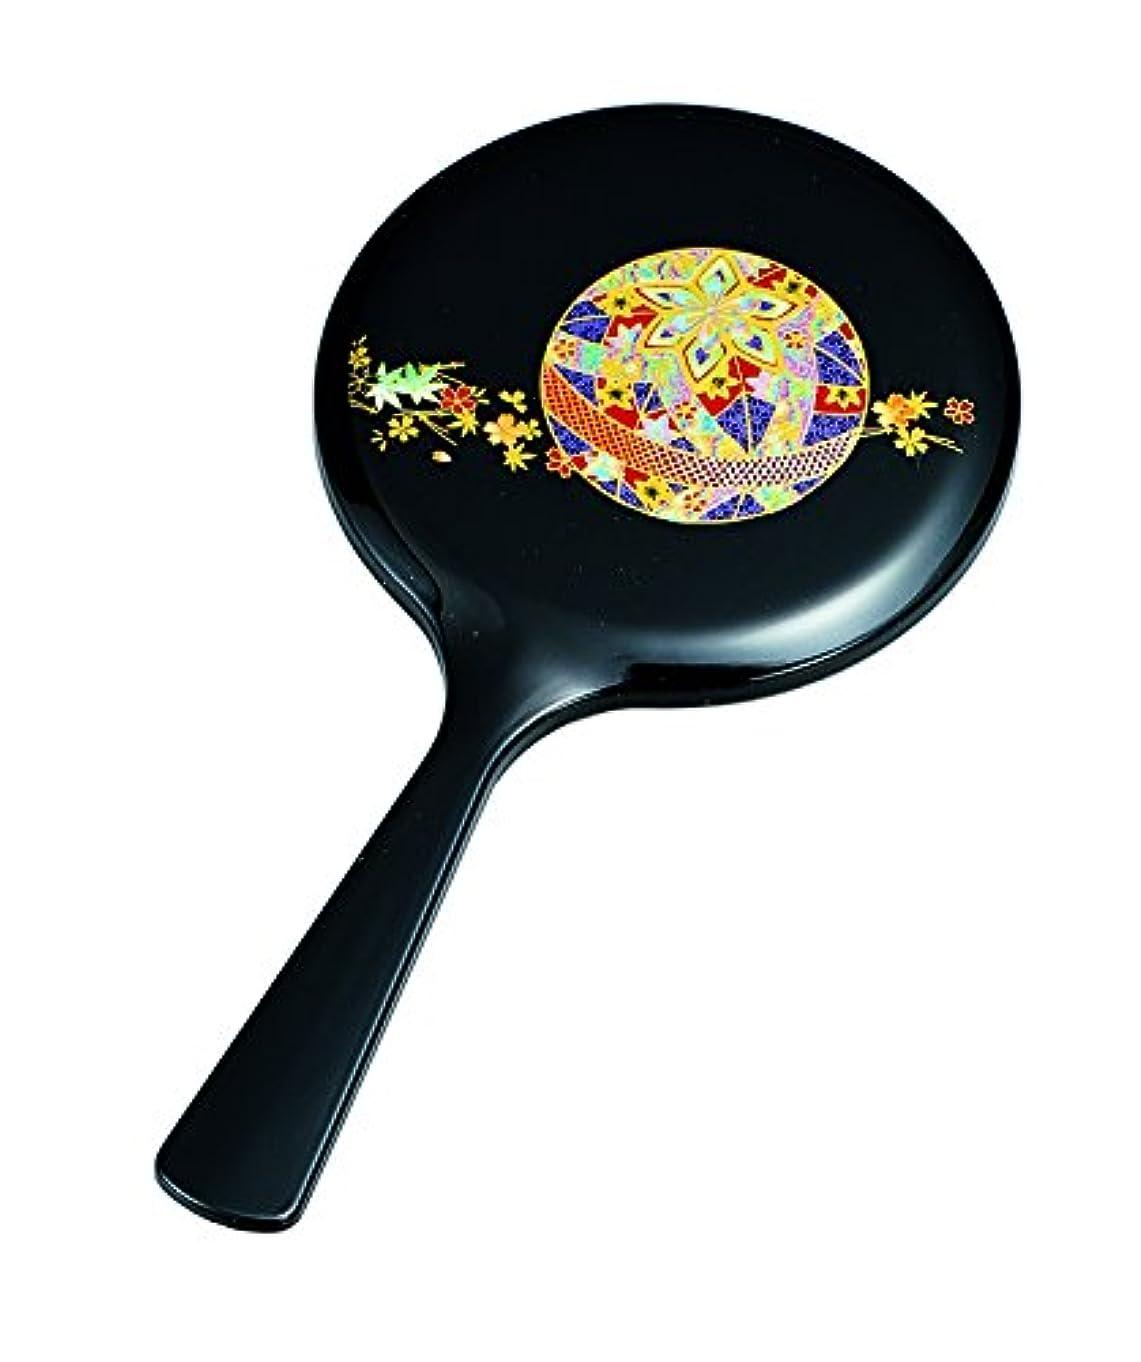 締め切り一部条件付き中谷兄弟商会 ミラー 黒 21.0×10.8×1.0cm 雅手鏡 黒 花てまり